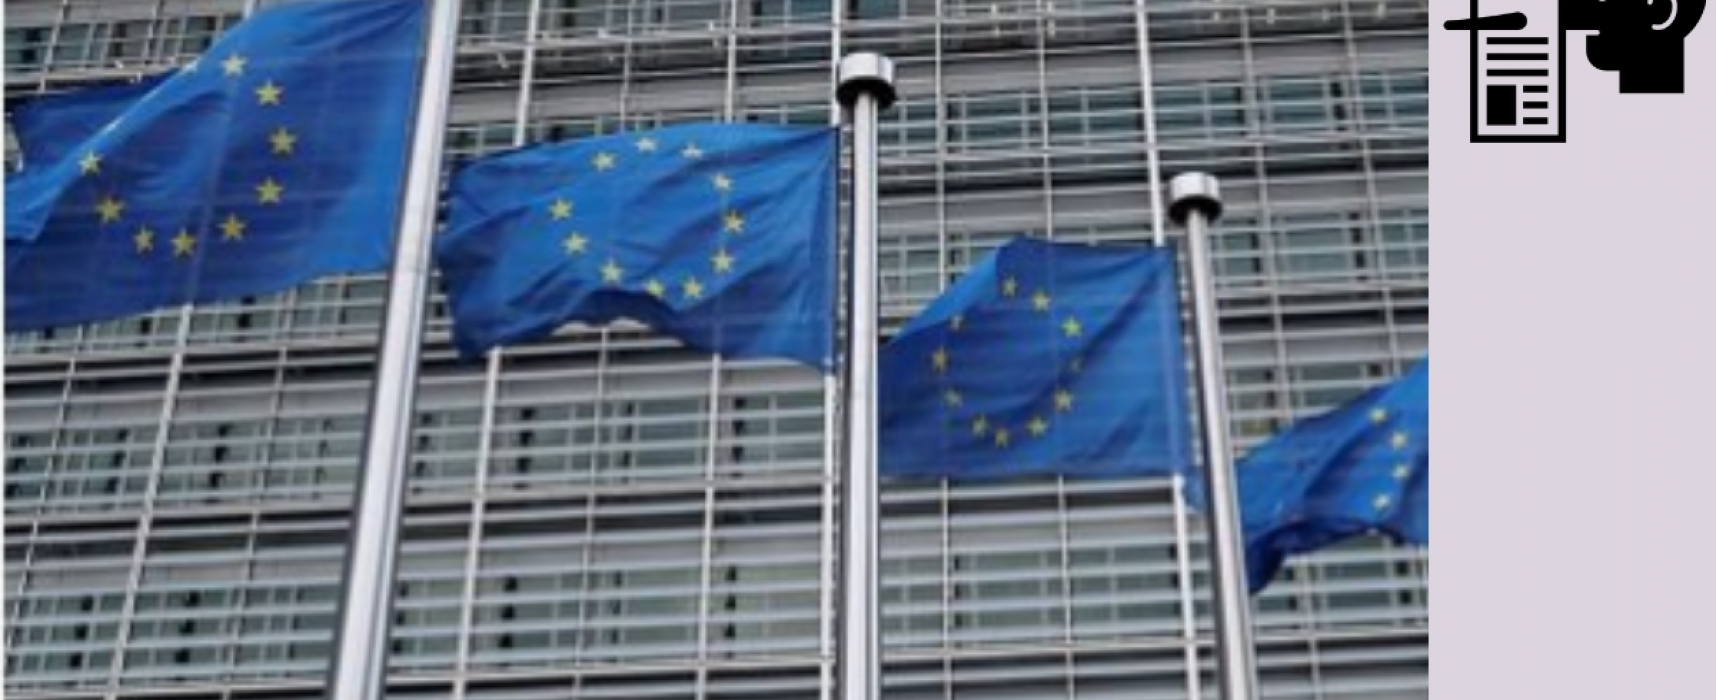 Lažna vest: Krim otvara svoje predstavništvo u EU